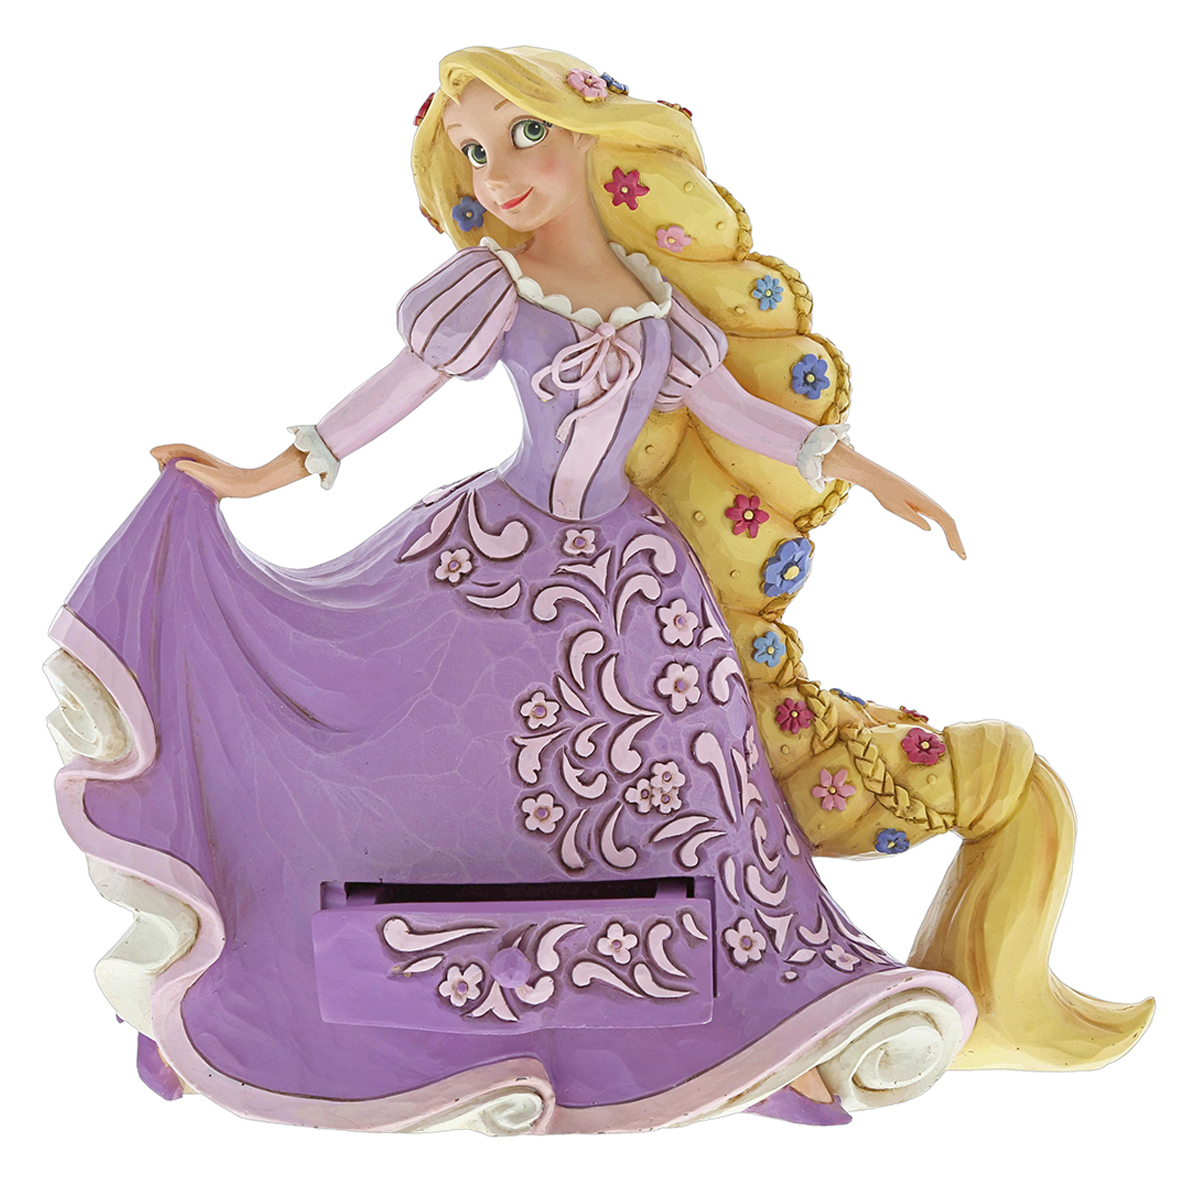 Figurine créateur \'Princesses Disney\' Raiponce (Jim Shore) - hauteur 16 cm - [Q3411]